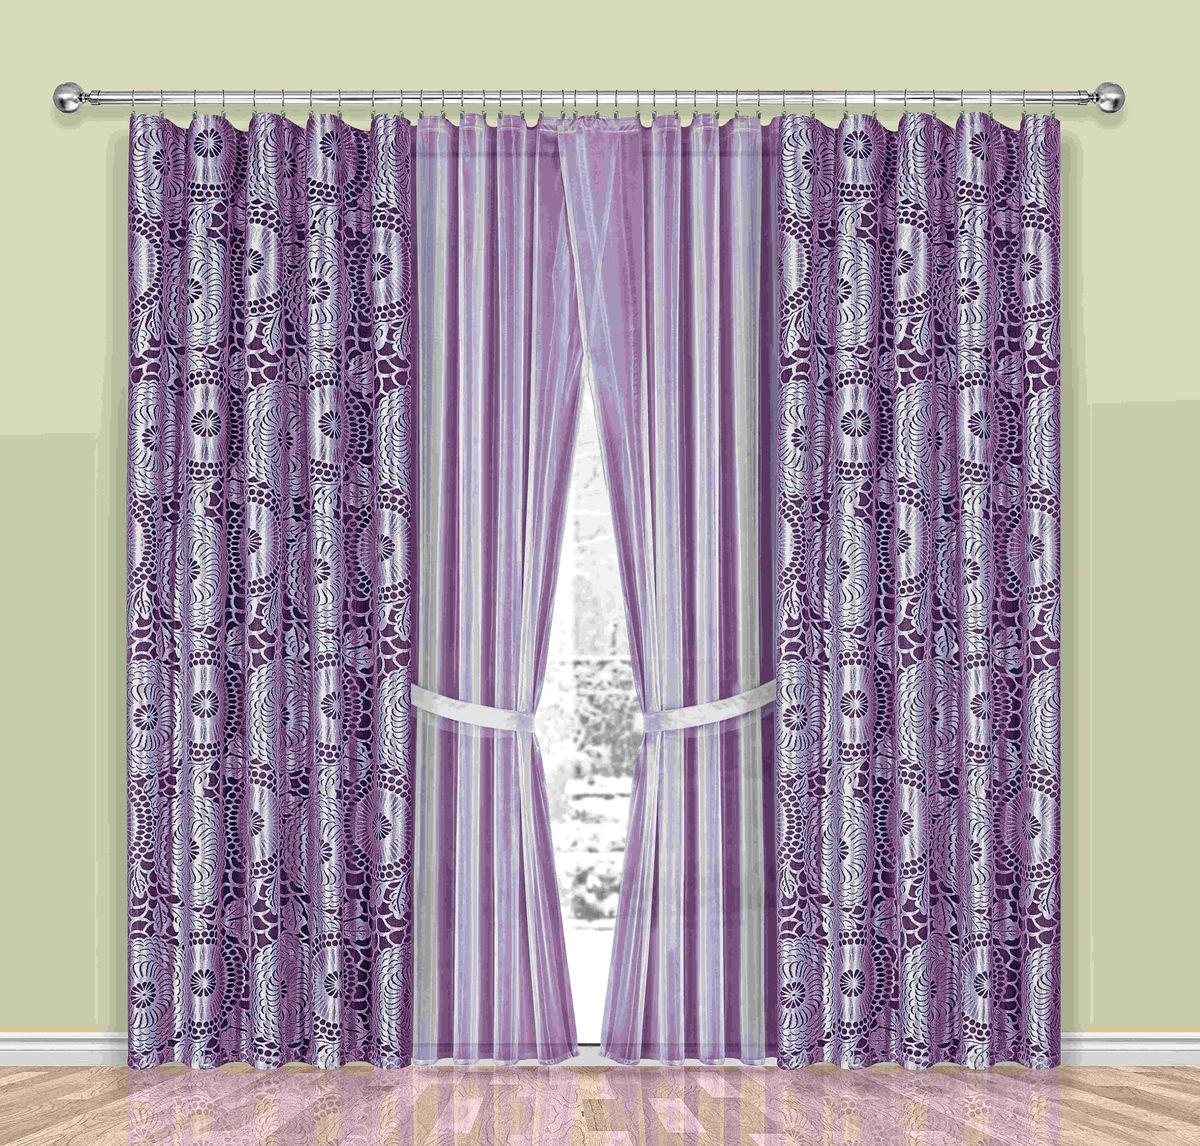 Комплект штор Wisan Sasza, на ленте, цвет: лиловый, высота 250 смSVC-300Комплект штор Wisan Sasza выполненный из полиэстера, великолепно украсит любое окно. В комплект входят 2 шторы, тюль и 2 подхвата.Интересный крой, и цветочный узор придают комплекту особый стиль и шарм. Тонкое плетение, нежная цветовая гамма и роскошное исполнение - все это делает шторы Wisan Sasza замечательным дополнением интерьера помещения.Комплект оснащен шторной лентой для красивой сборки. В комплект входит: Штора - 2 шт. Размер (ШхВ): 150 см х 250 см. Тюль - 2 шт. Размер (ШхВ): 250 см х 250 см. Подхват - 2 шт.Фирма Wisan на польском рынке существует уже более пятидесяти лет и является одной из лучших польских фабрик по производству штор и тканей. Ассортимент фирмы представлен готовыми комплектами штор для гостиной, детской, кухни, а также текстилем для кухни (скатерти, салфетки, дорожки, кухонные занавески). Модельный ряд отличает оригинальный дизайн, высокое качество. Ассортимент продукции постоянно пополняется.